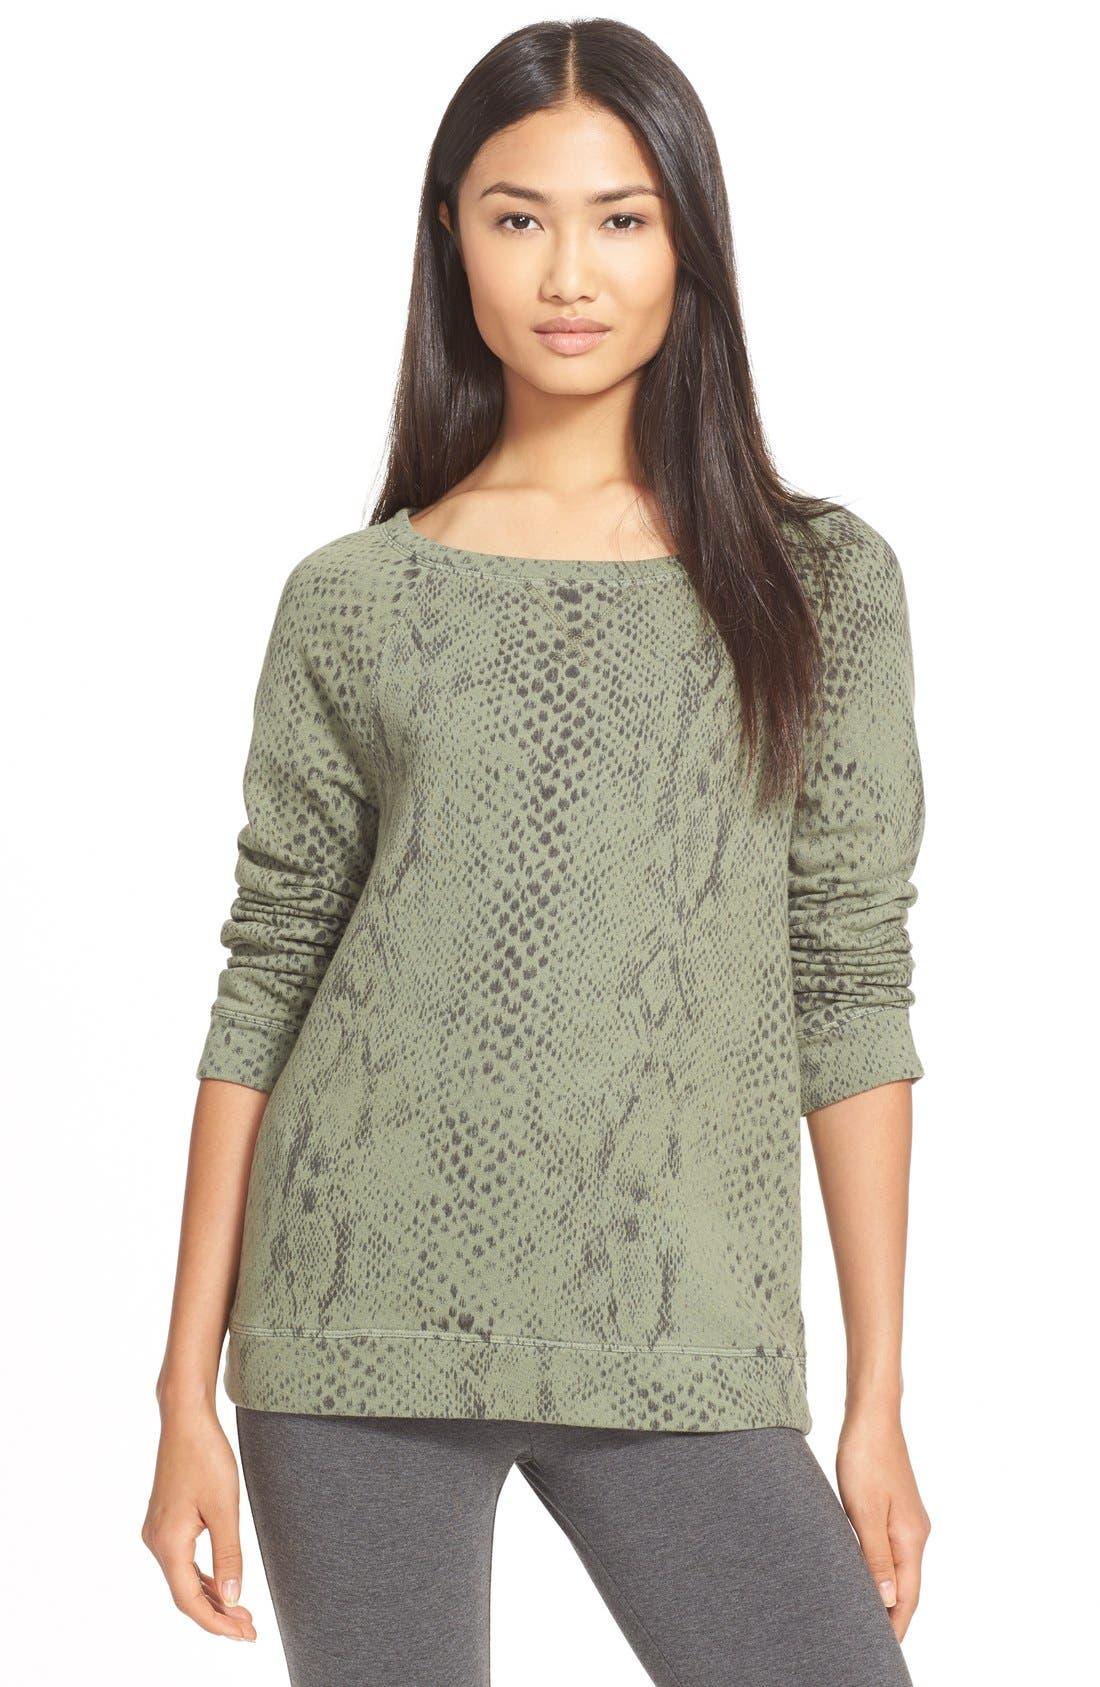 Alternate Image 1 Selected - Soft Joie 'Darilynn B' Print Raglan Sleeve Sweatshirt